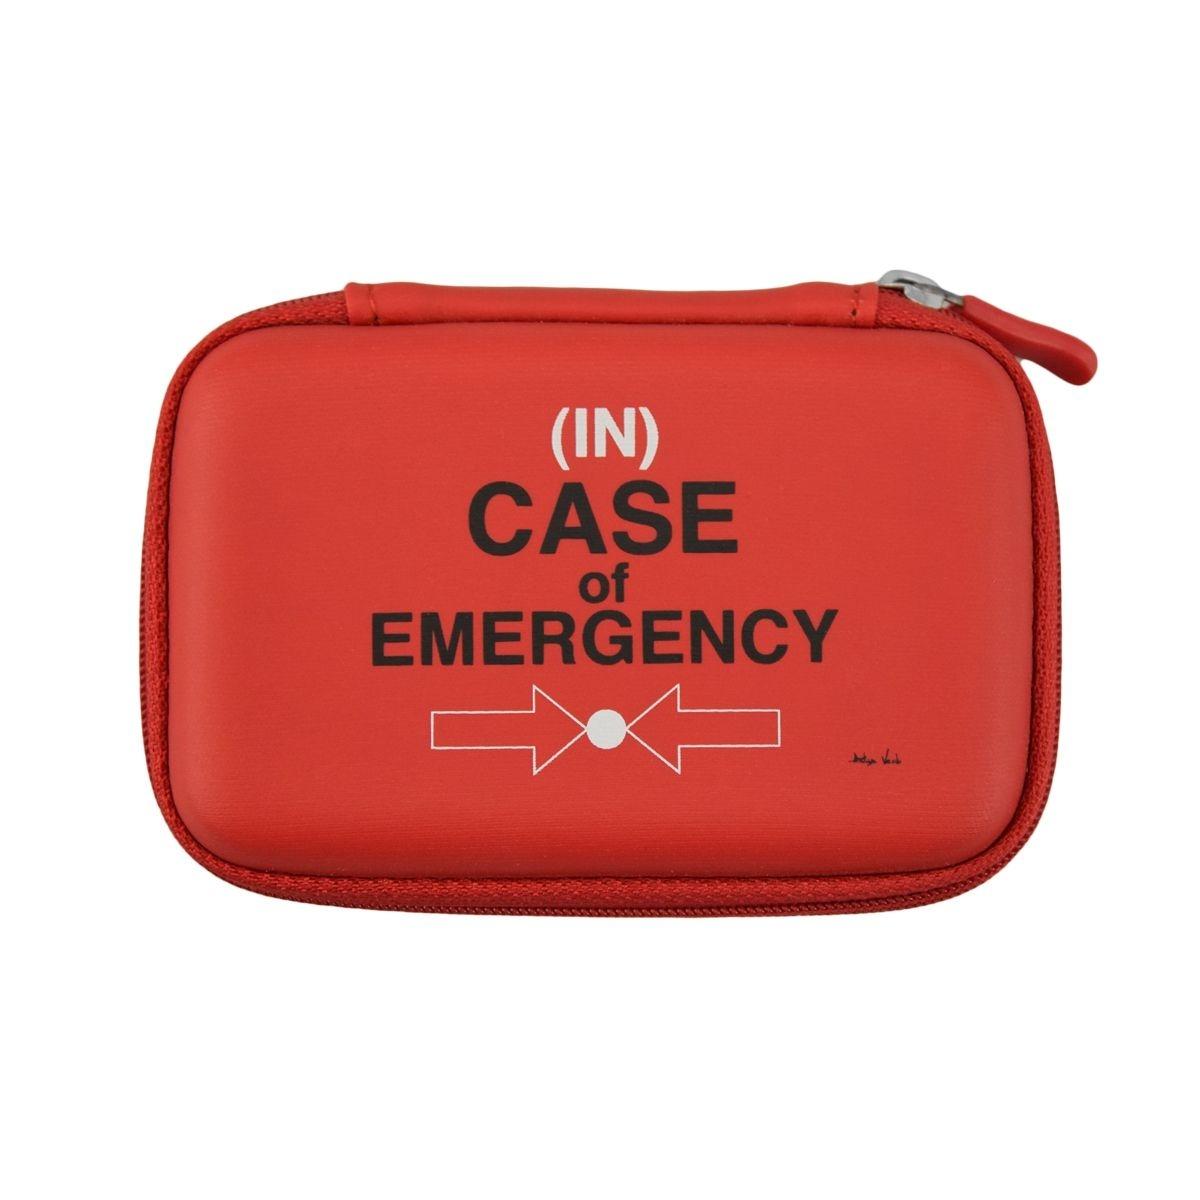 BOITE INZEPOCKET - In case of emergency